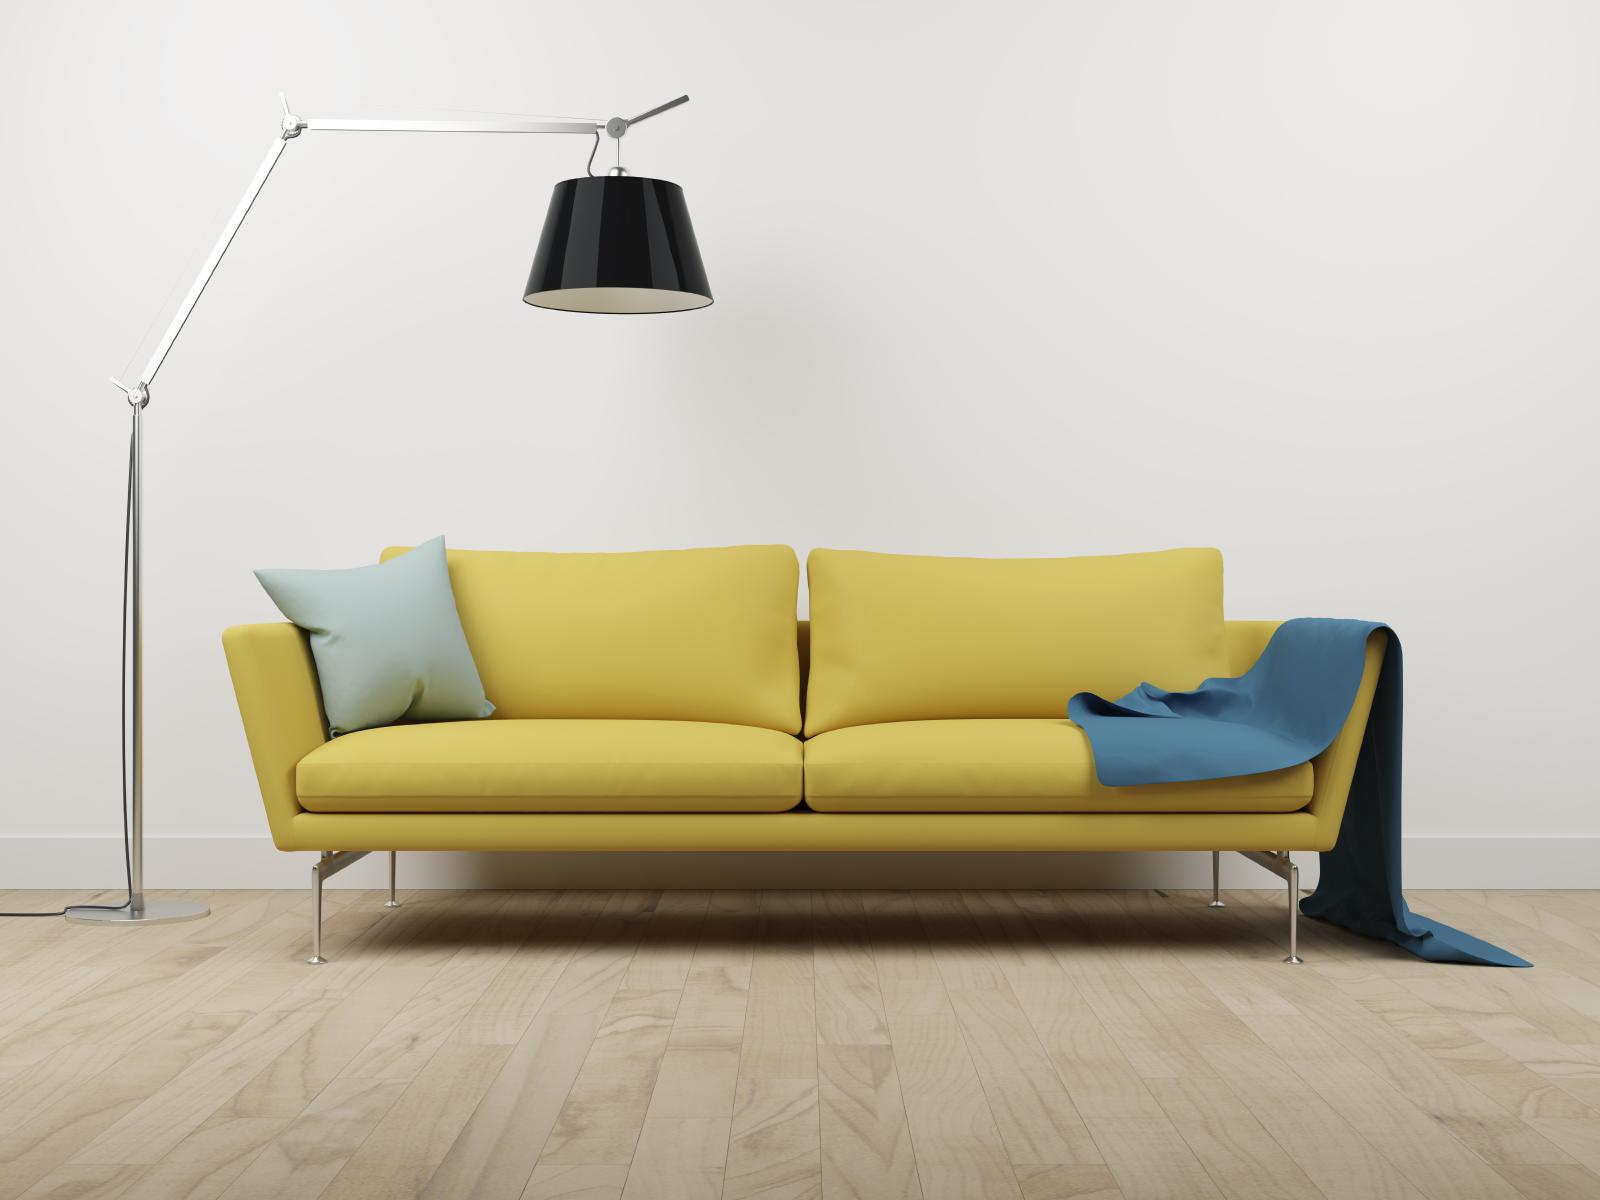 best sofa cleaning service in chennai green velvet chesterfield upholstery methods dubai